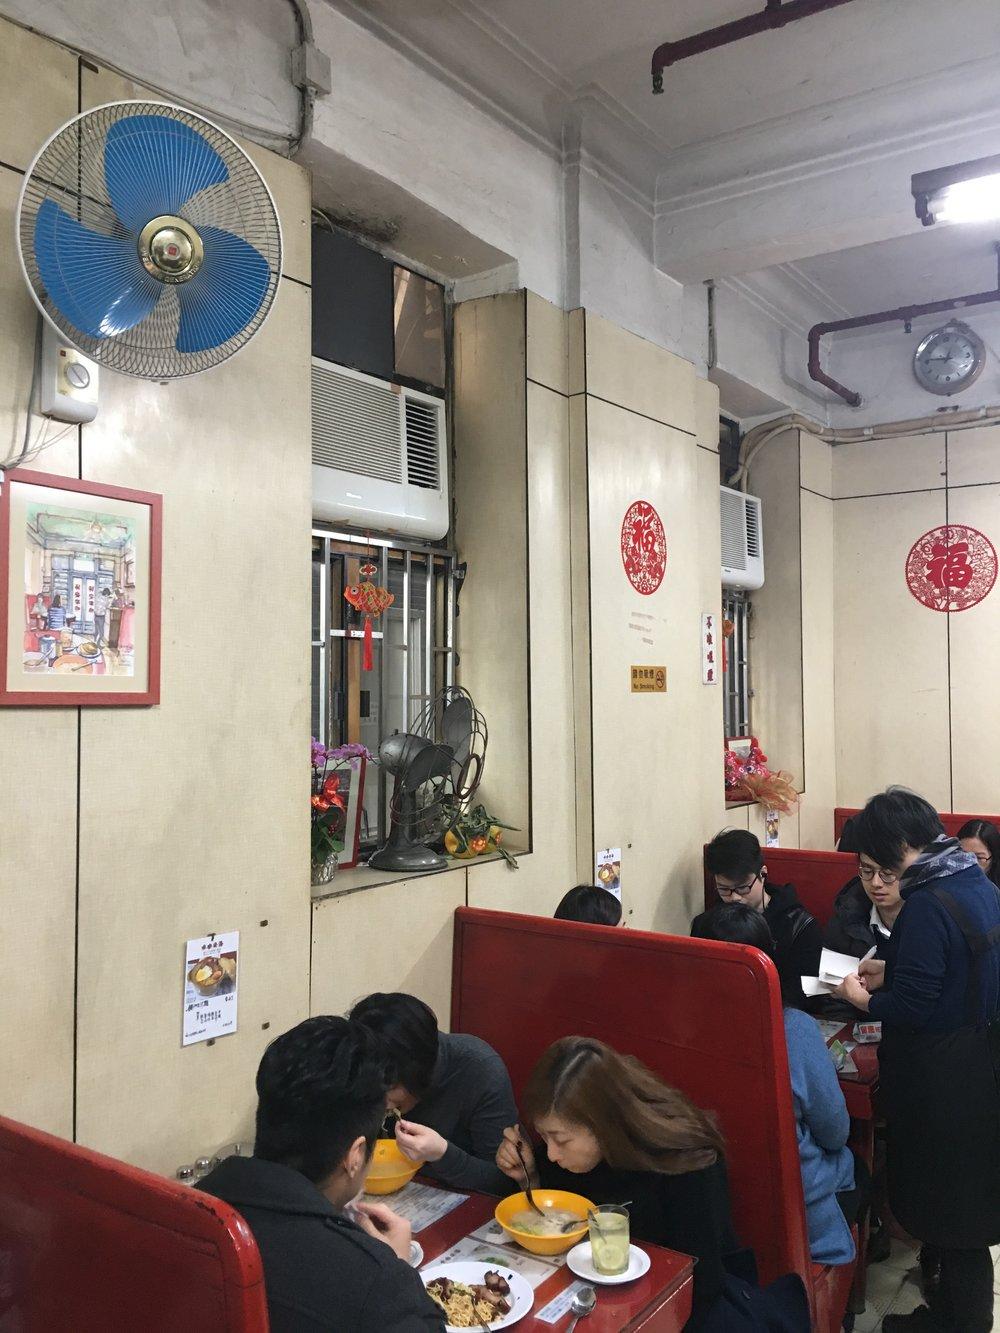 Hoi On Cafe